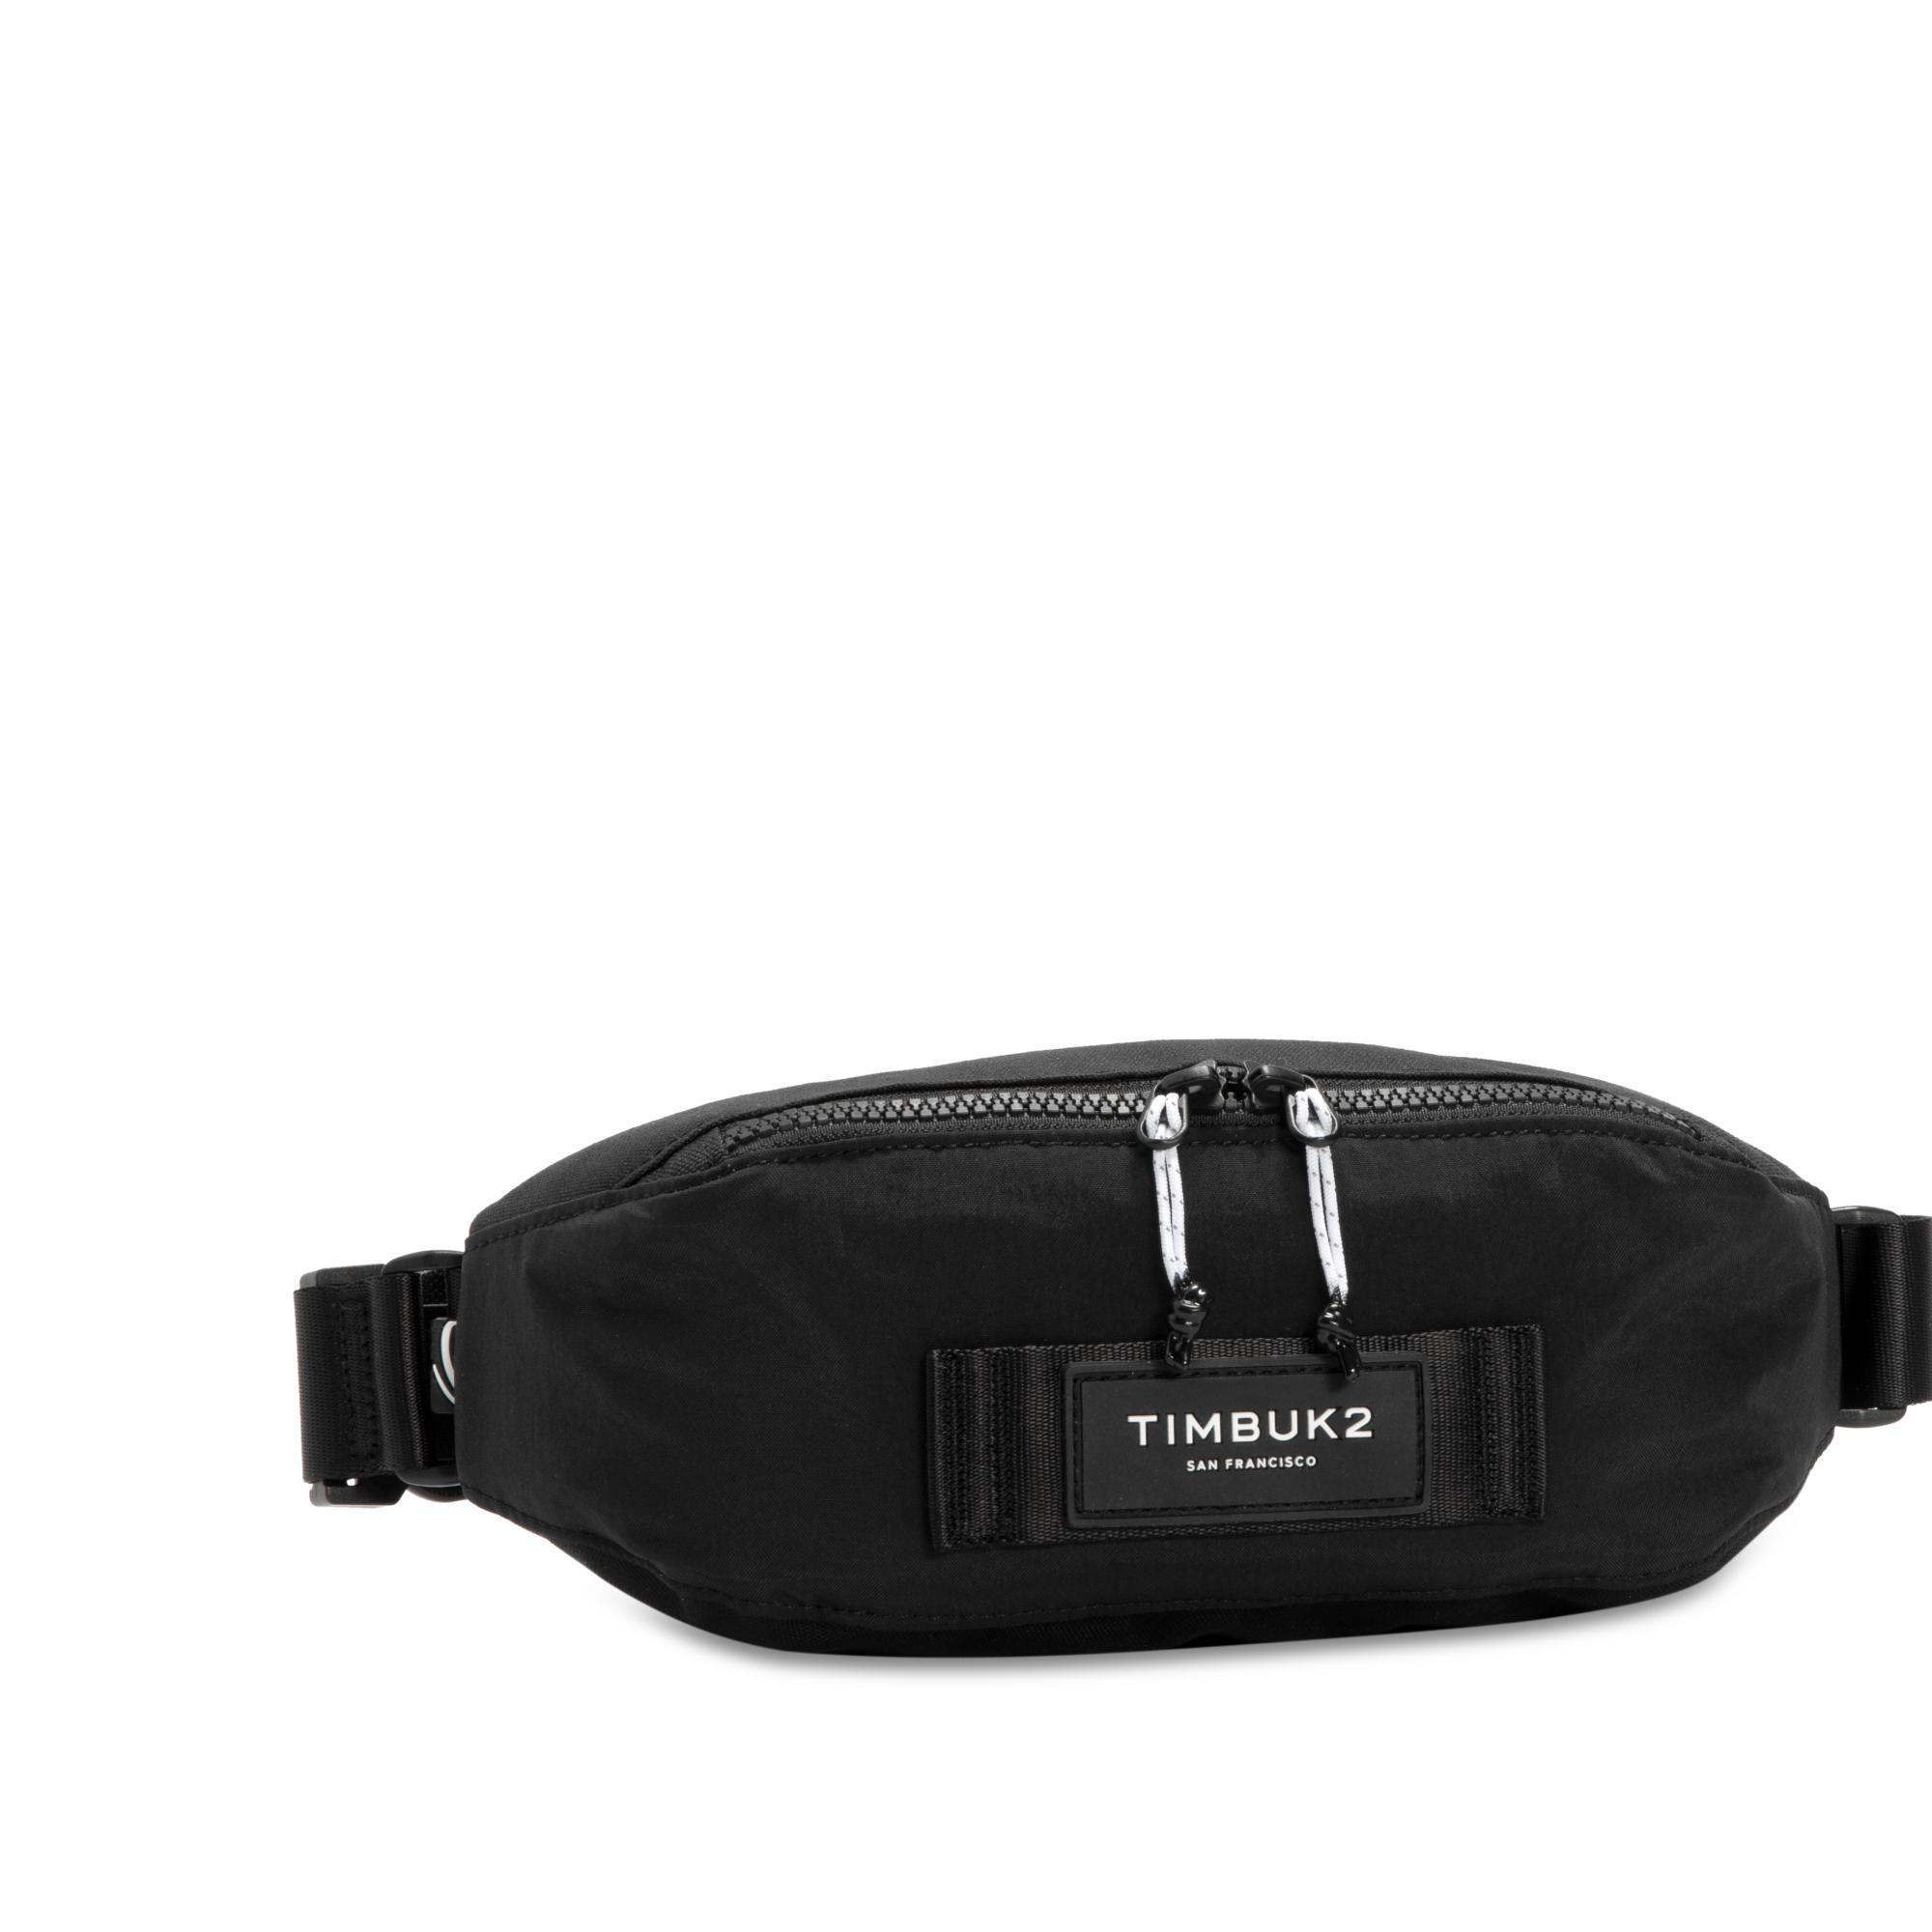 Timbuk2 Slacker Chest Pack - Jet Black